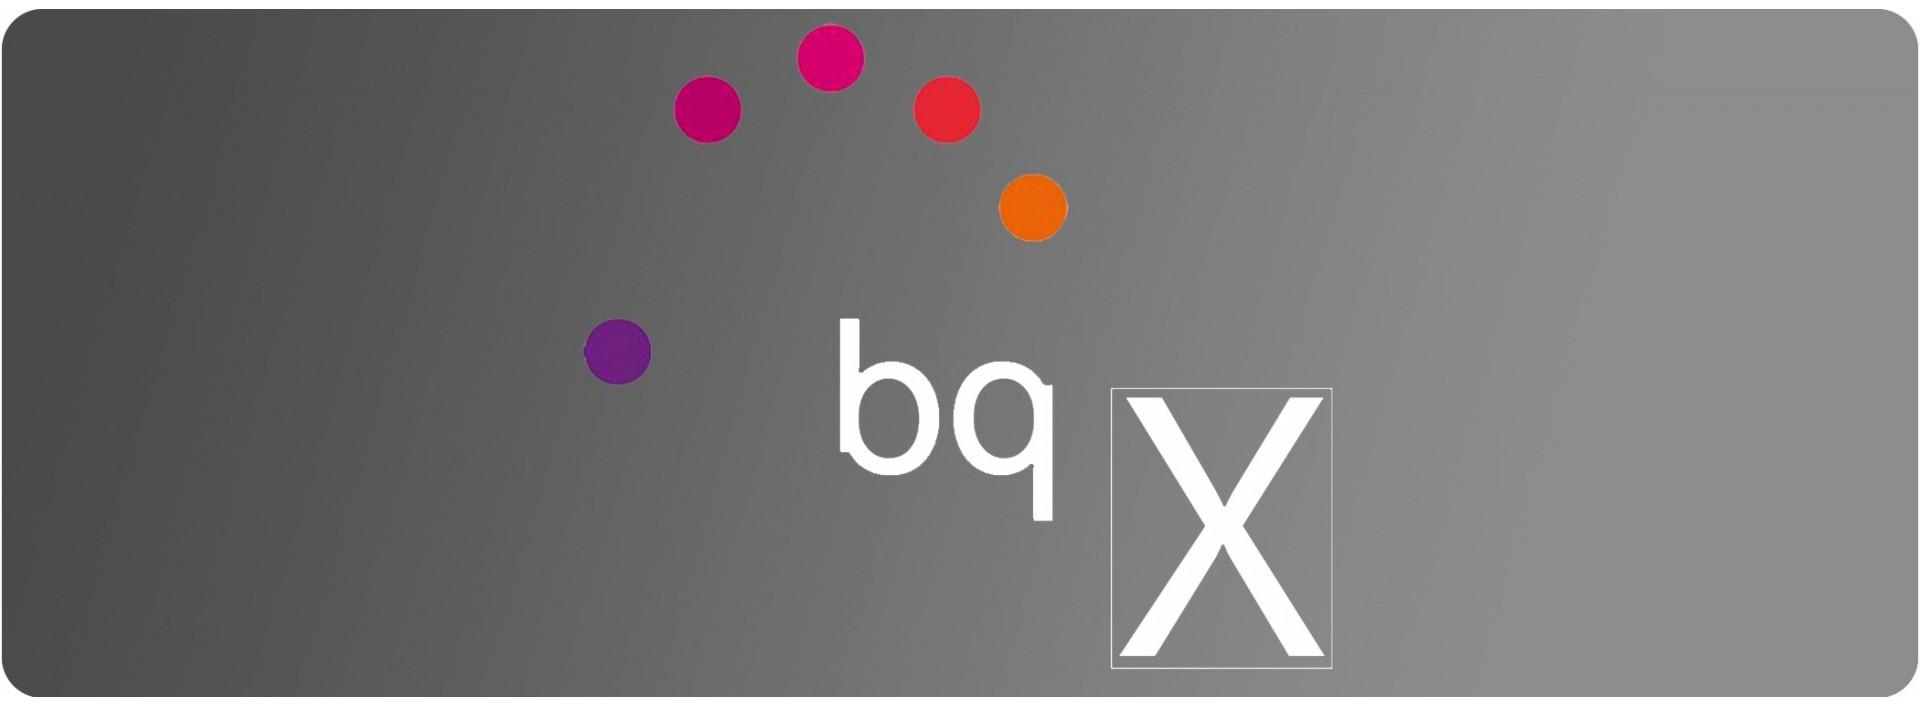 Fundas para Bq Serie X